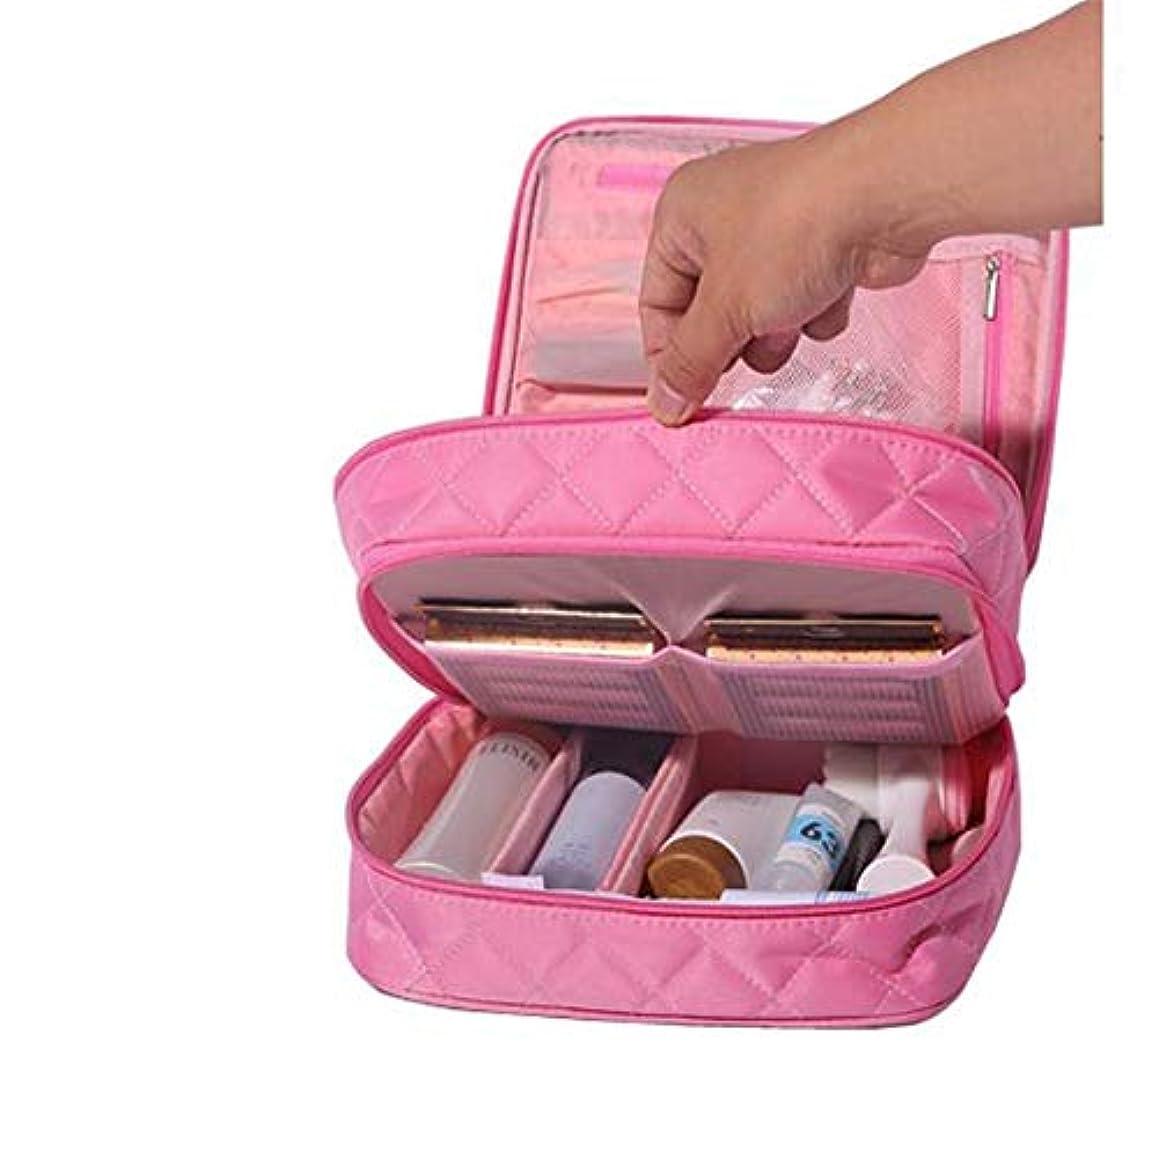 プレゼンテーション限りレタス特大スペース収納ビューティーボックス 化粧品袋、携帯用旅行化粧品の箱、化粧品の箱、収納箱、調節可能なディバイダーが付いている小型化粧の電車箱、化粧品の化粧筆、化粧品 化粧品化粧台 (色 : ピンク)